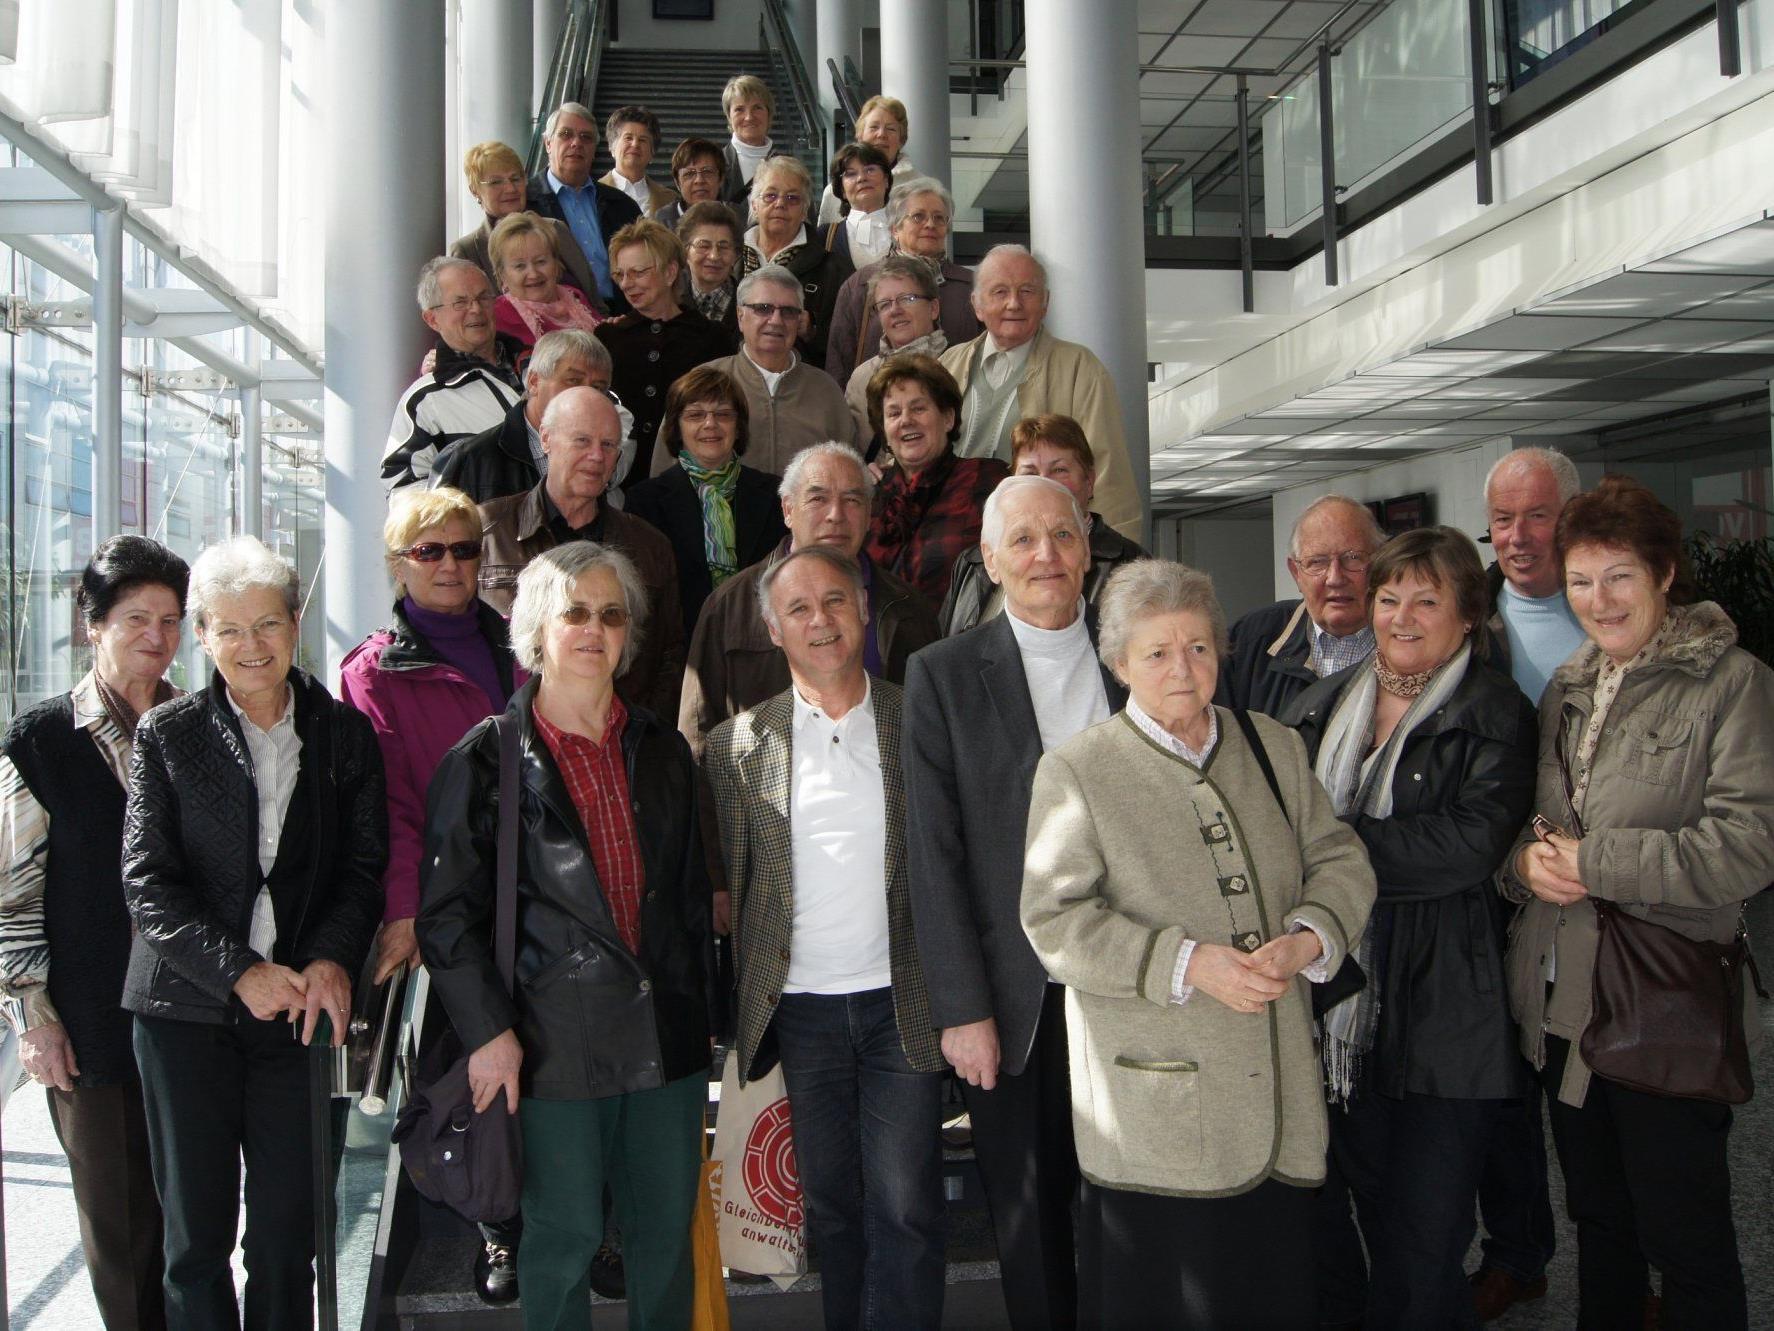 Eine Gruppe des Seniorenbundes Bregenz beim Besuch im Medienhaus.